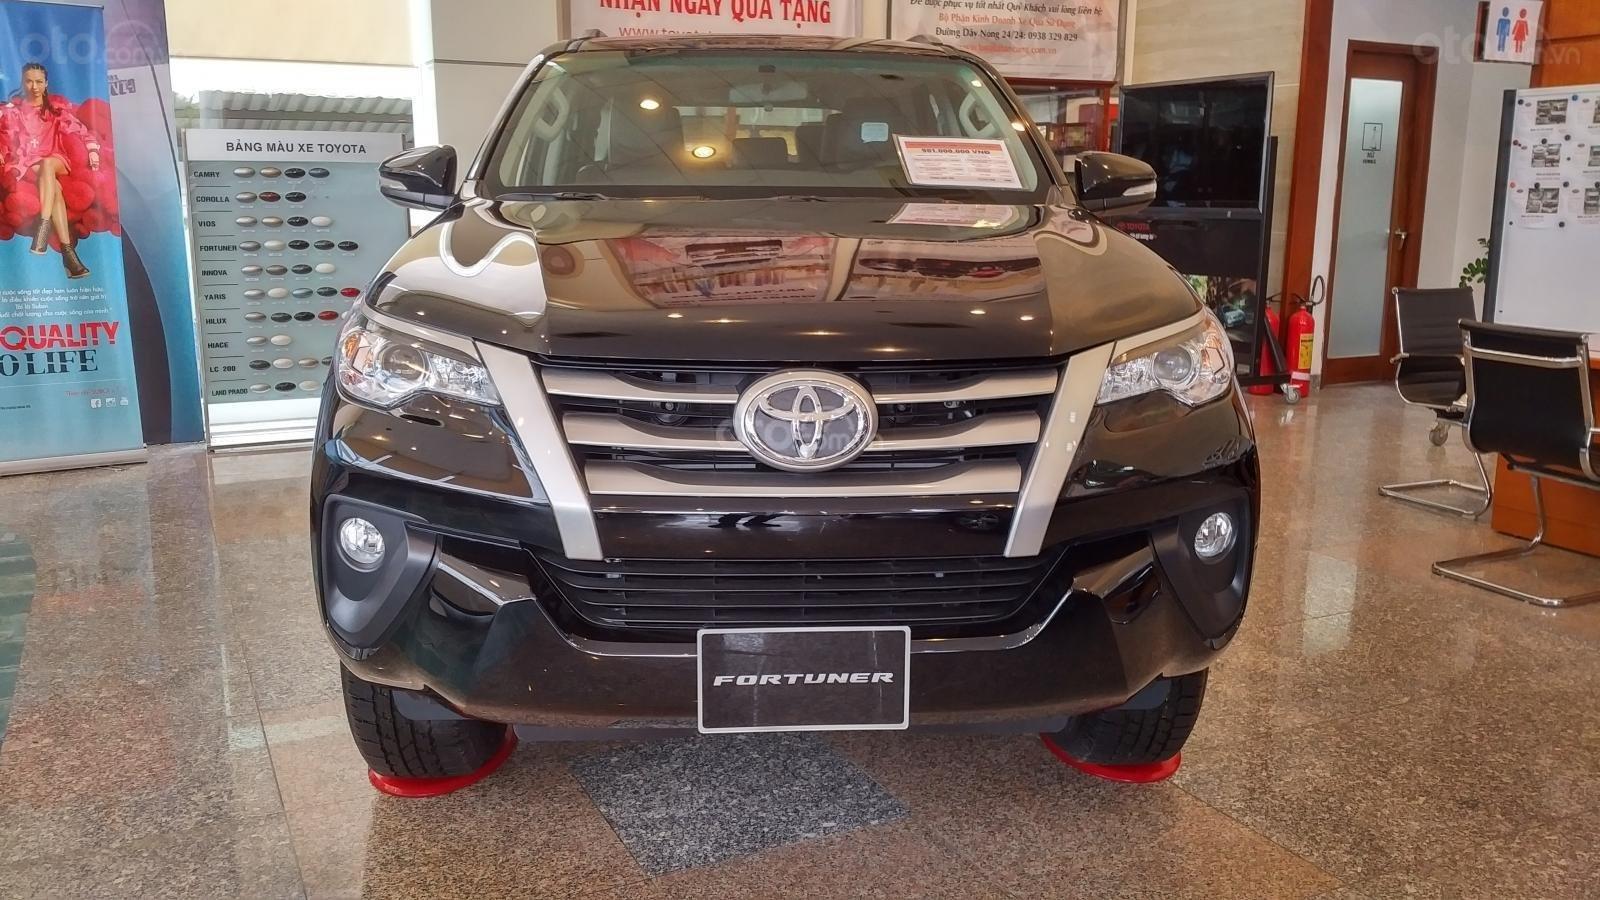 Toyota Fortuner 2.4G MT - 963 triệu - Đủ màu - Ưu đãi quà tặng theo xe - Liên hệ 0903598667 (1)